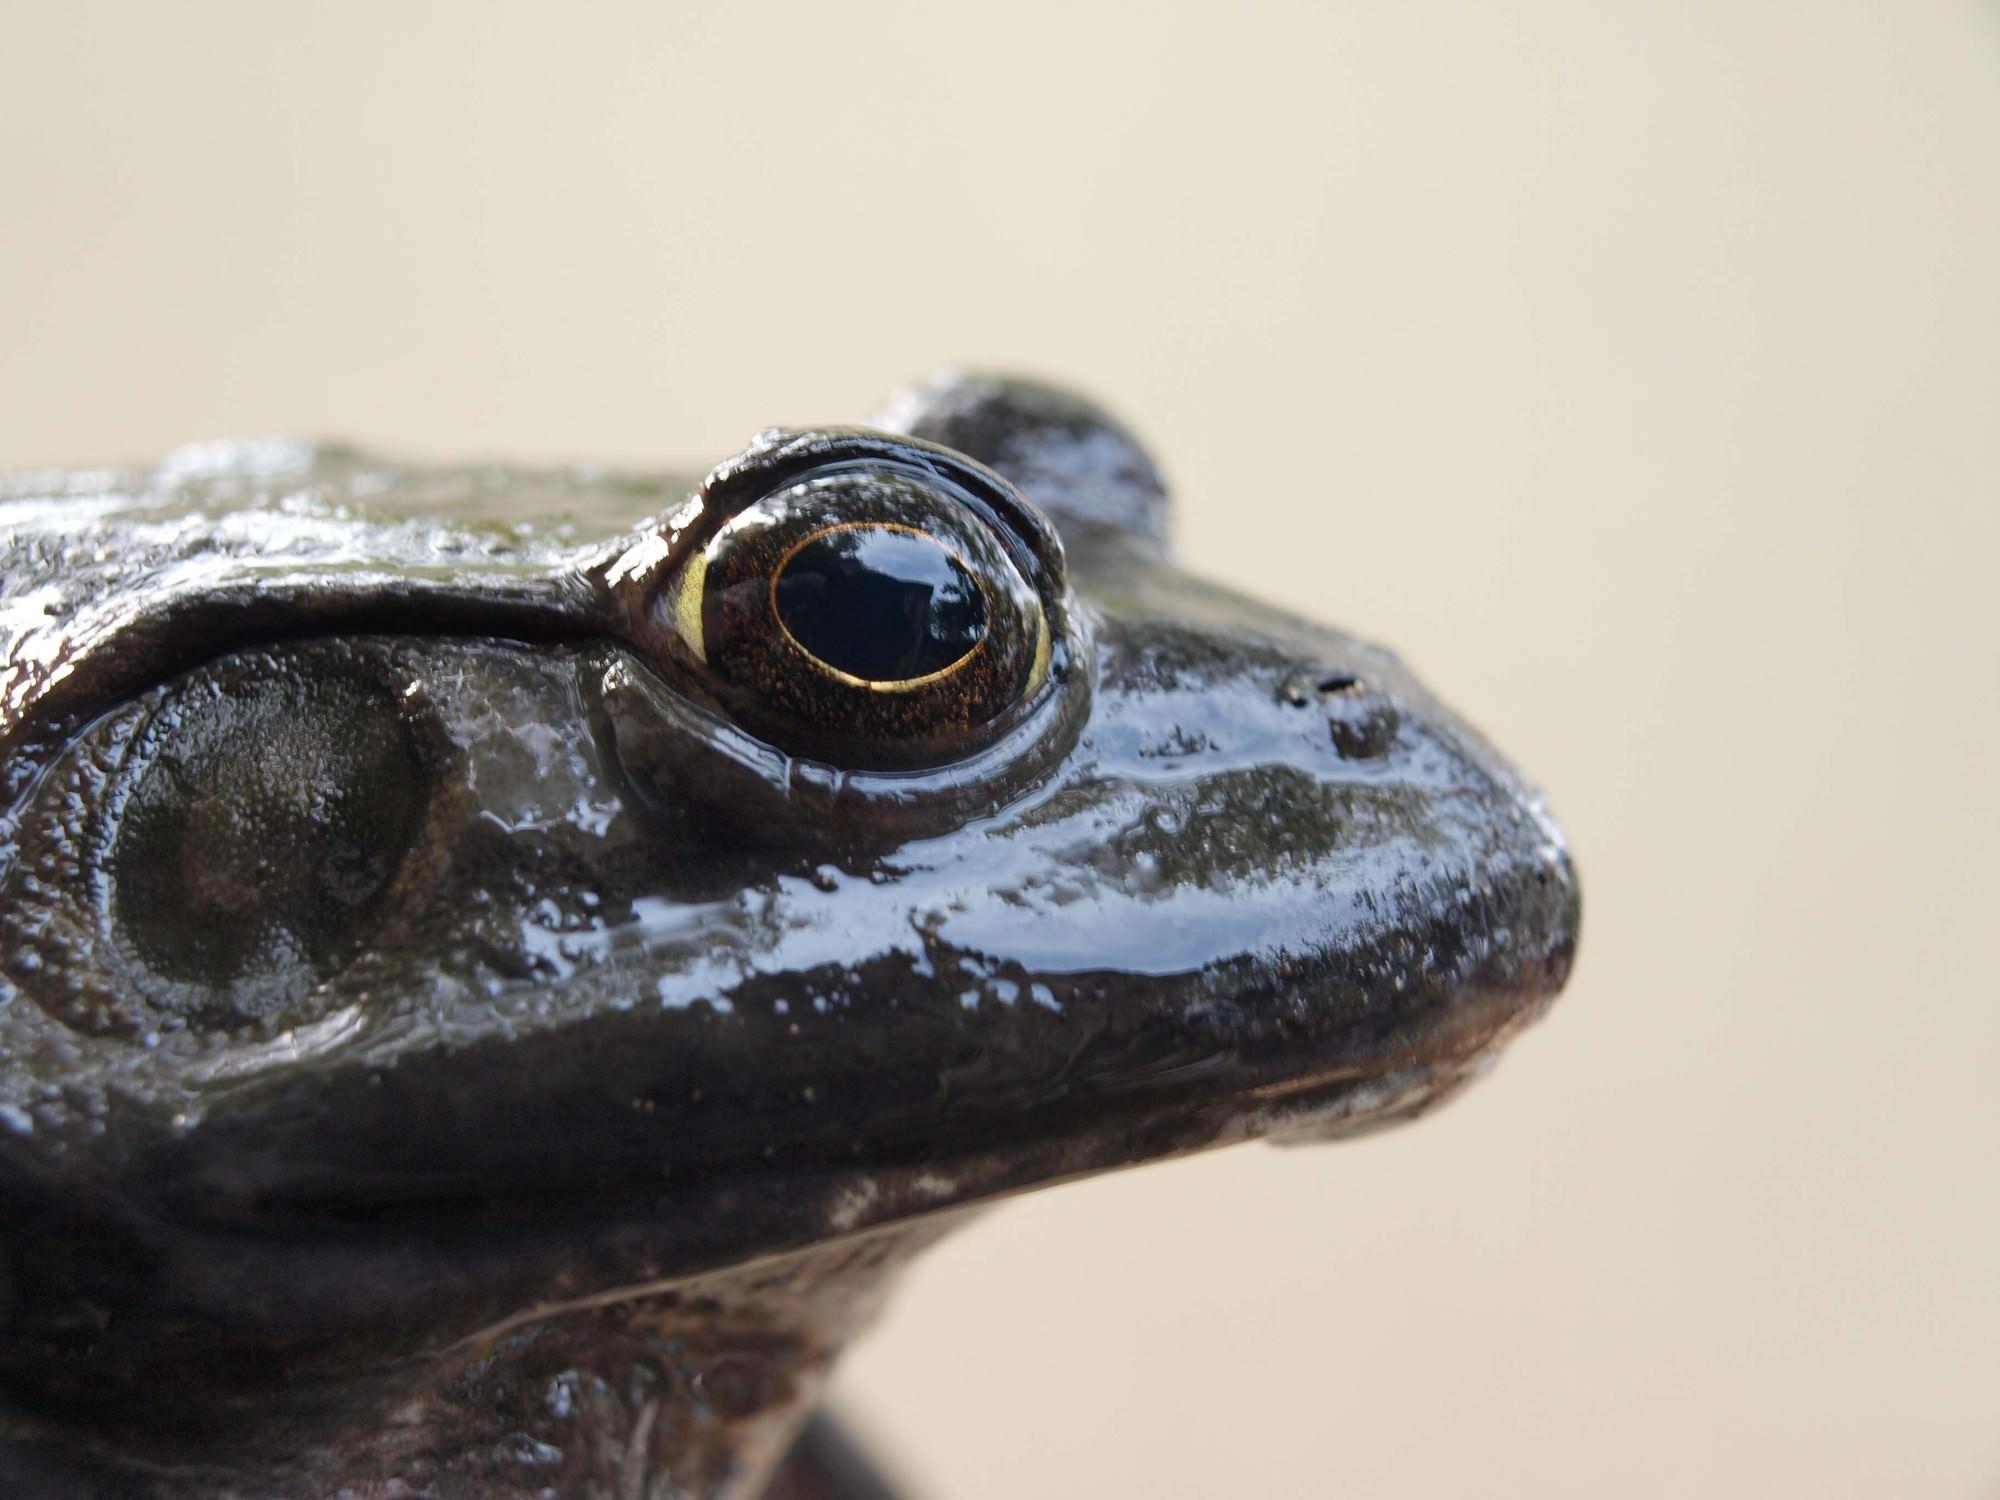 食用蛙を許可なく飼育すると懲役3年以下か300万円以下の罰金刑が課される